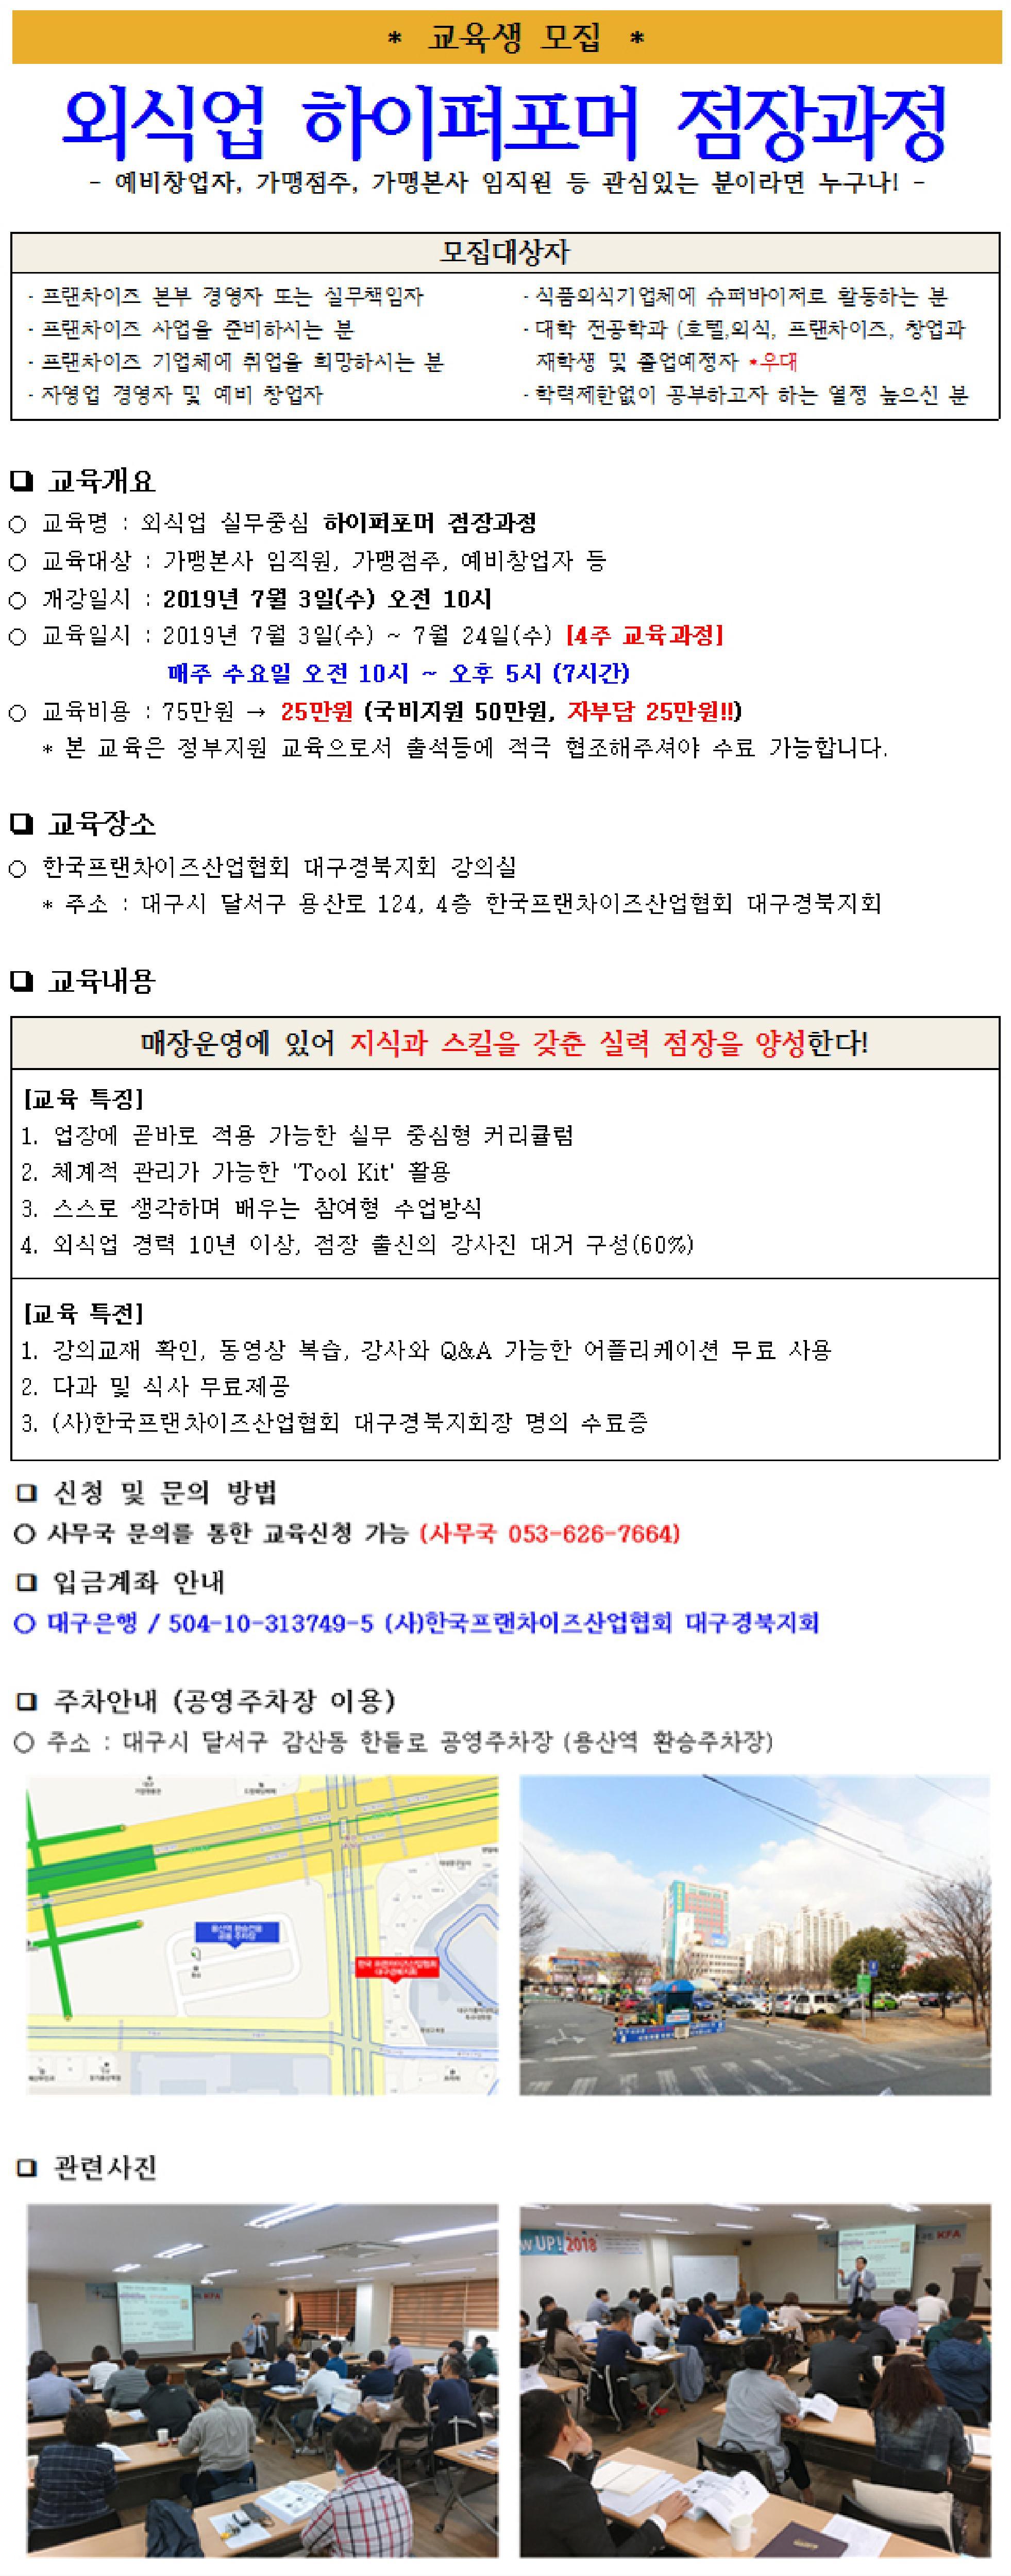 2019_외식업점장교육_안내문2.jpg